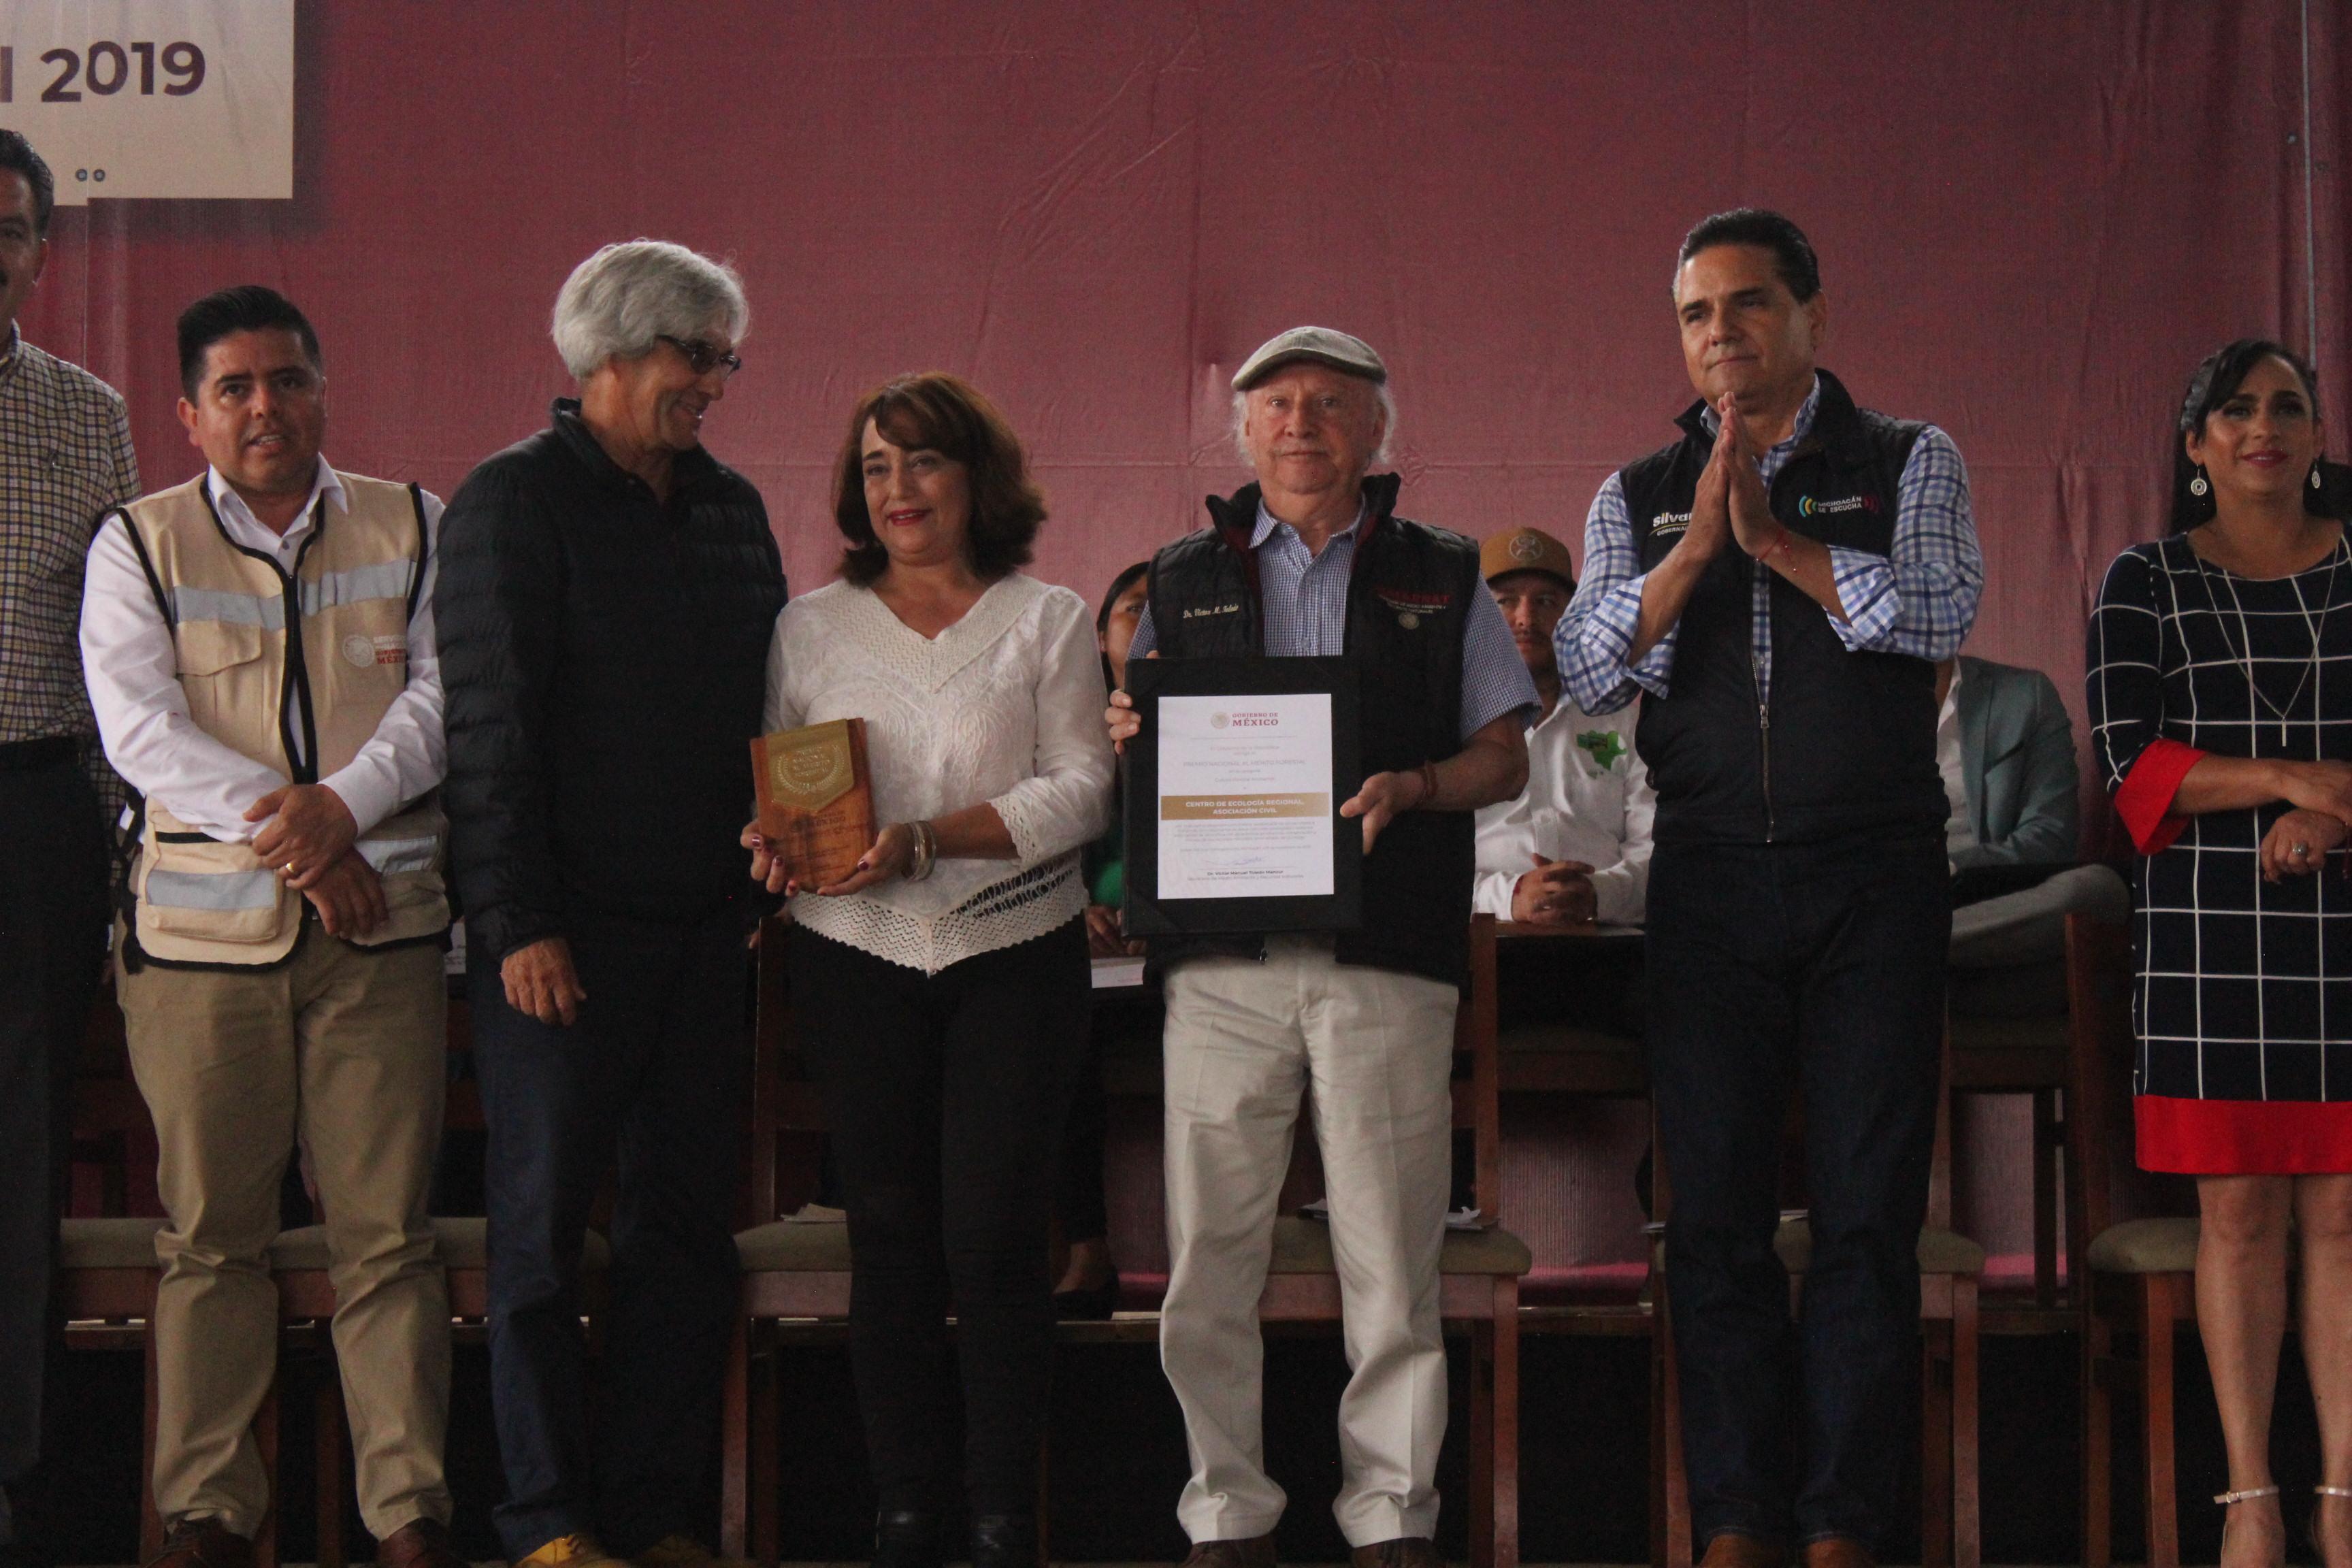 El Centro de Ecología Regional A.C. de Durango, resultó ganador de la categoría Cultura Forestal Ambiental del Premio Nacional al Mérito Forestal en 2019 por sus esfuerzos de capacitación y educación en áreas naturales protegidas de Durango y Zacatecas.